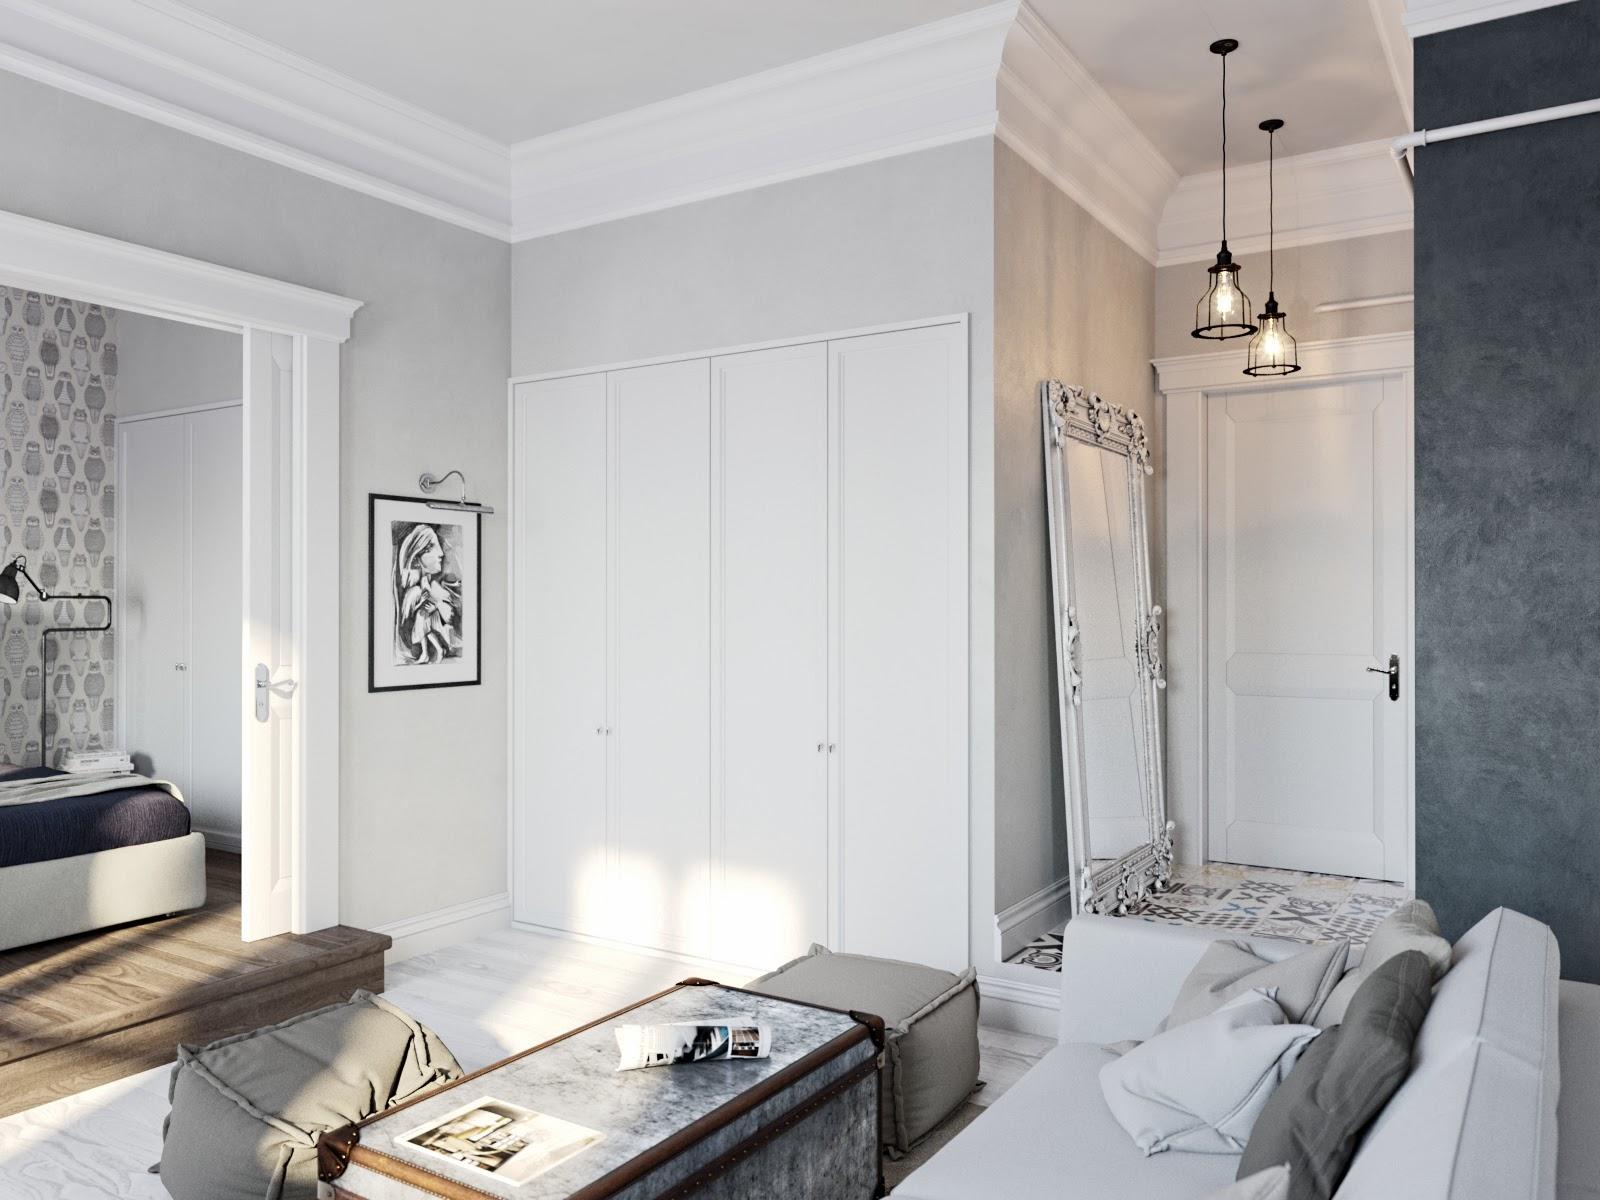 Industrial apartamento factory chic en blanco for Paredes grises y puertas blancas